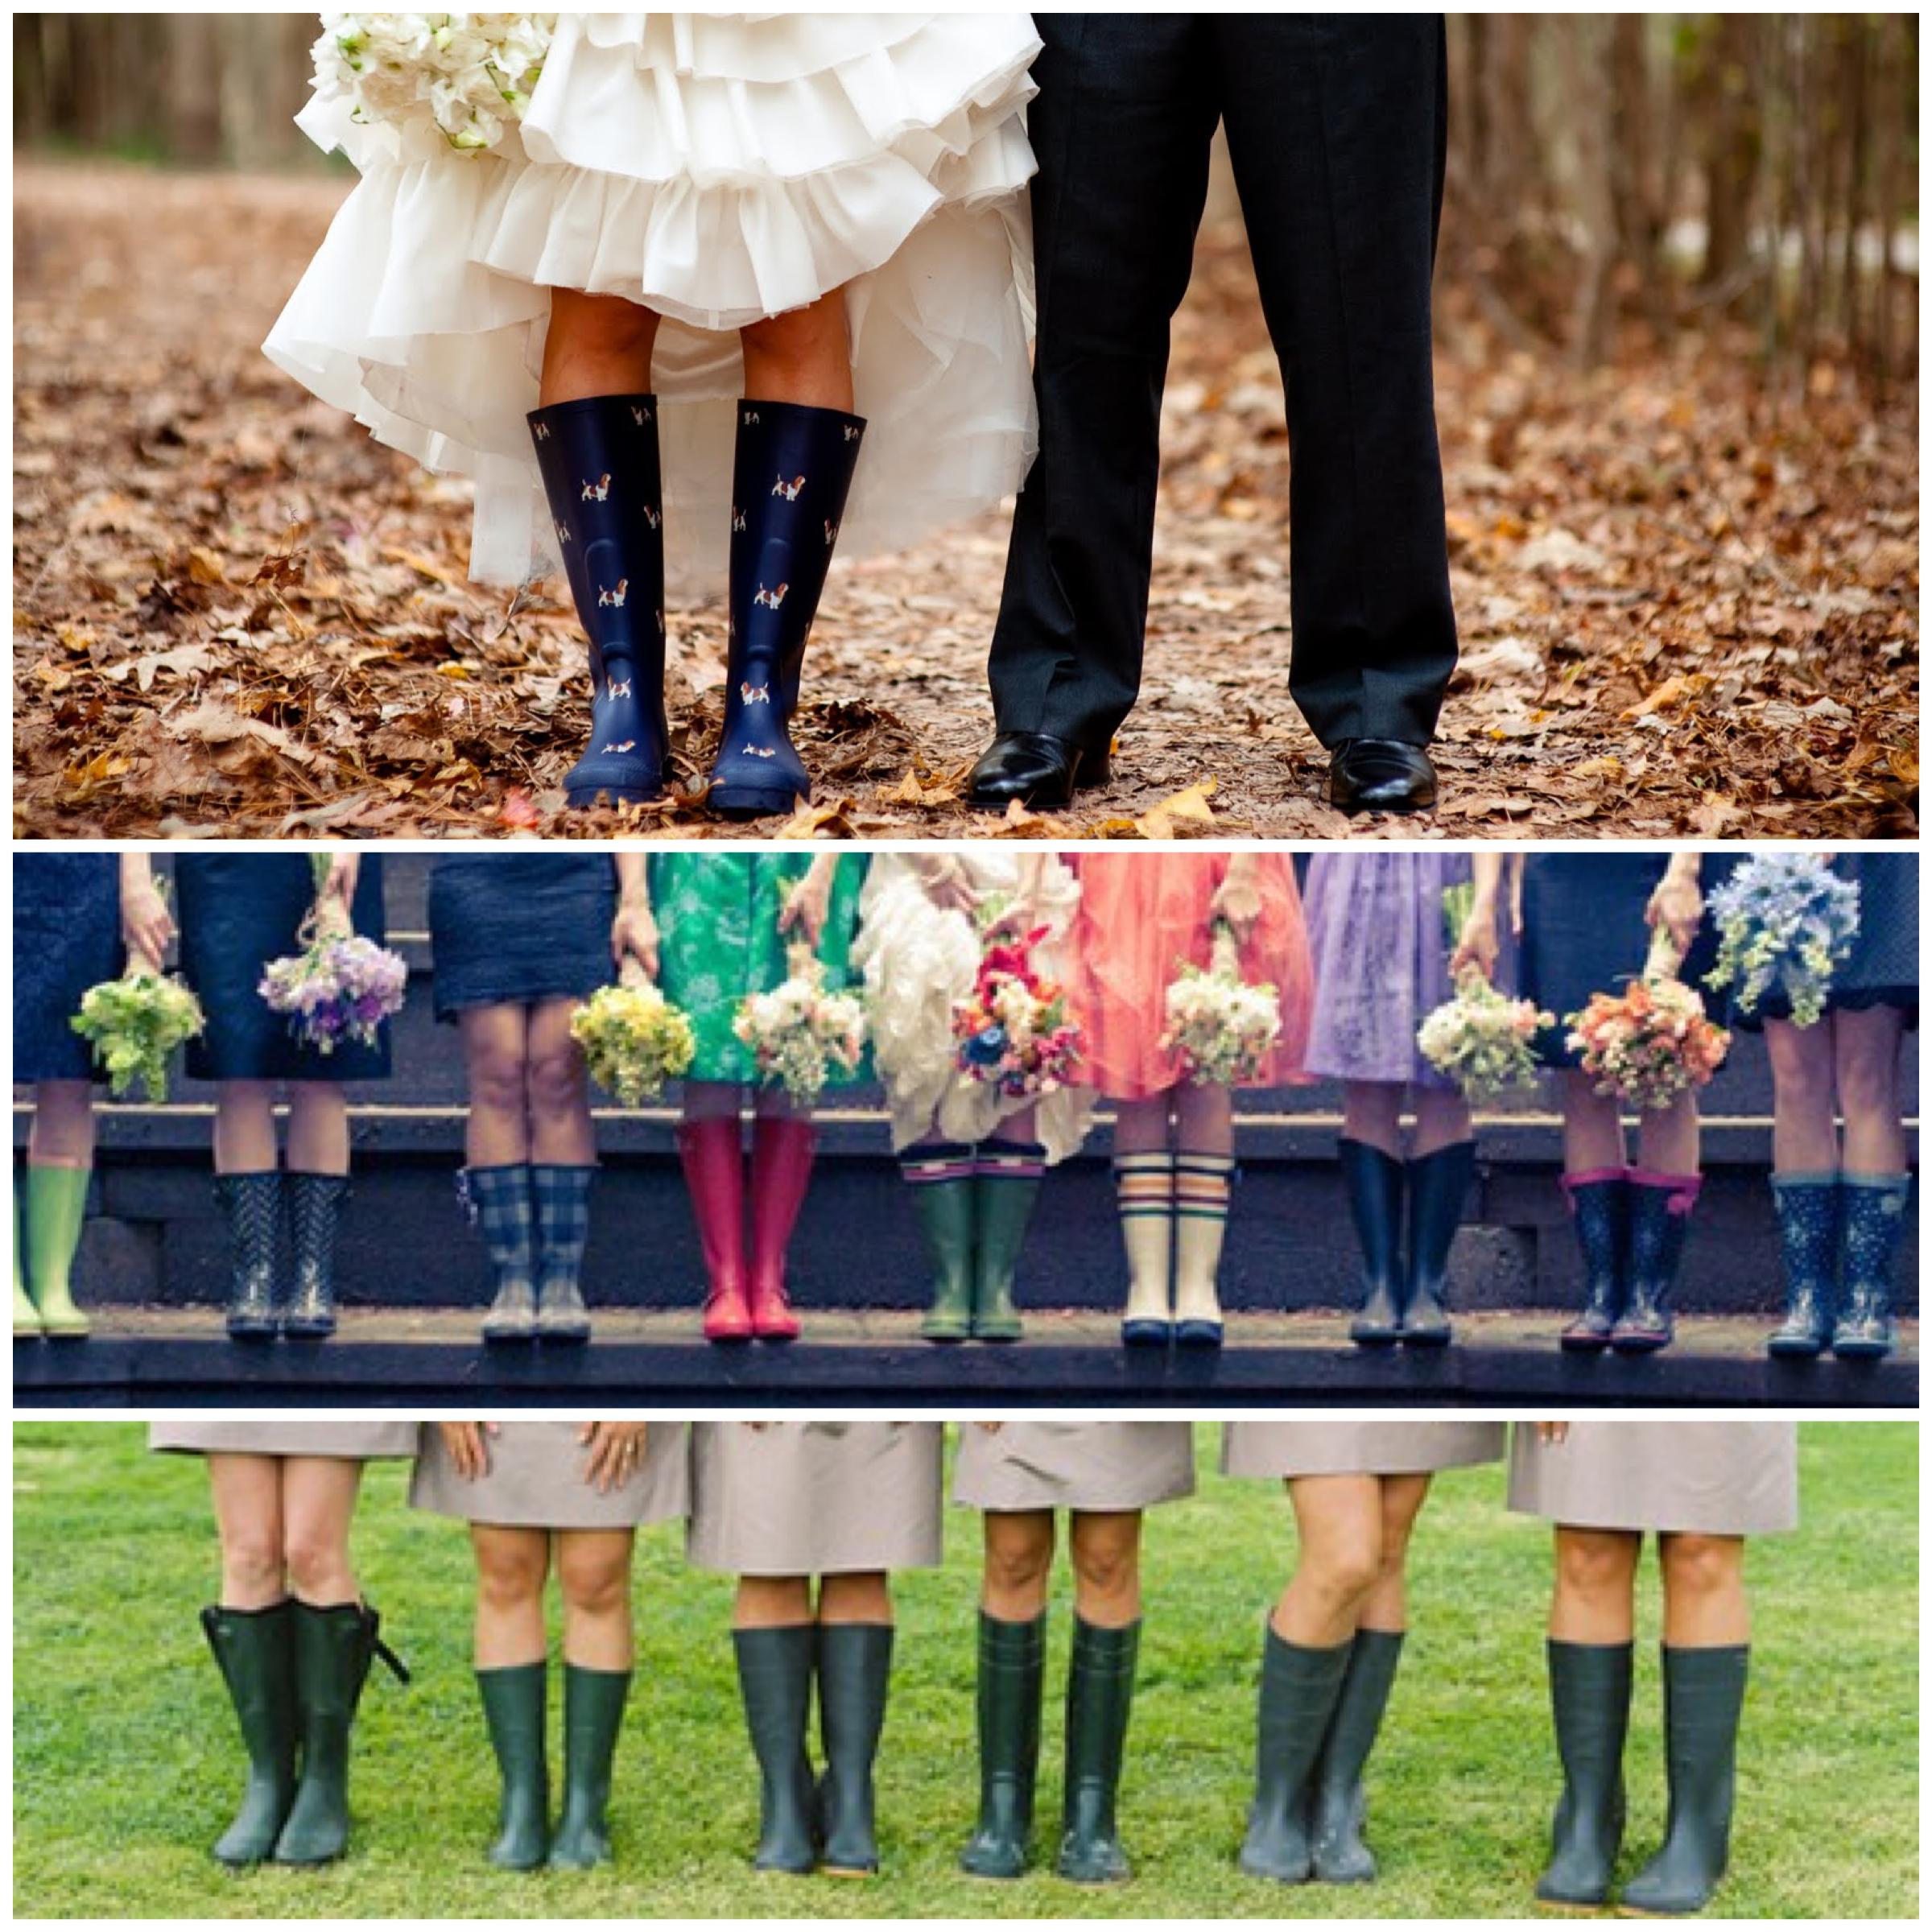 Wedding Fashion On A Rainy Day